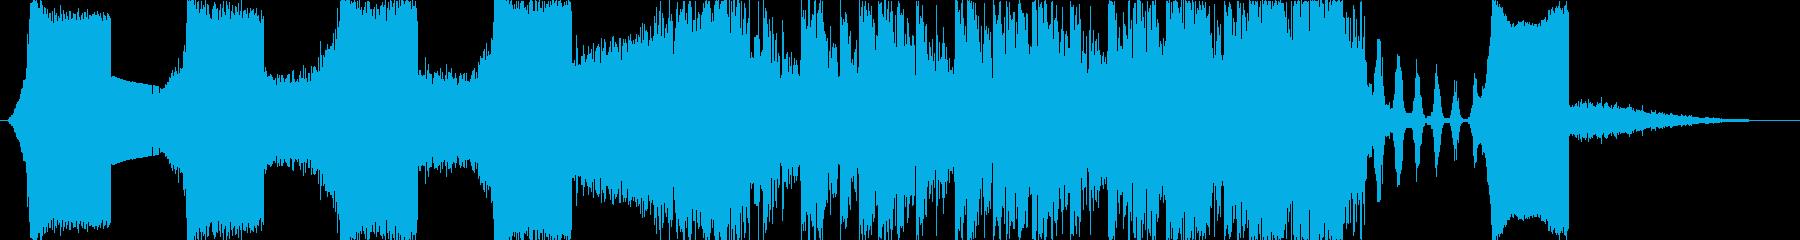 実験的 劇的な テクノロジー シン...の再生済みの波形